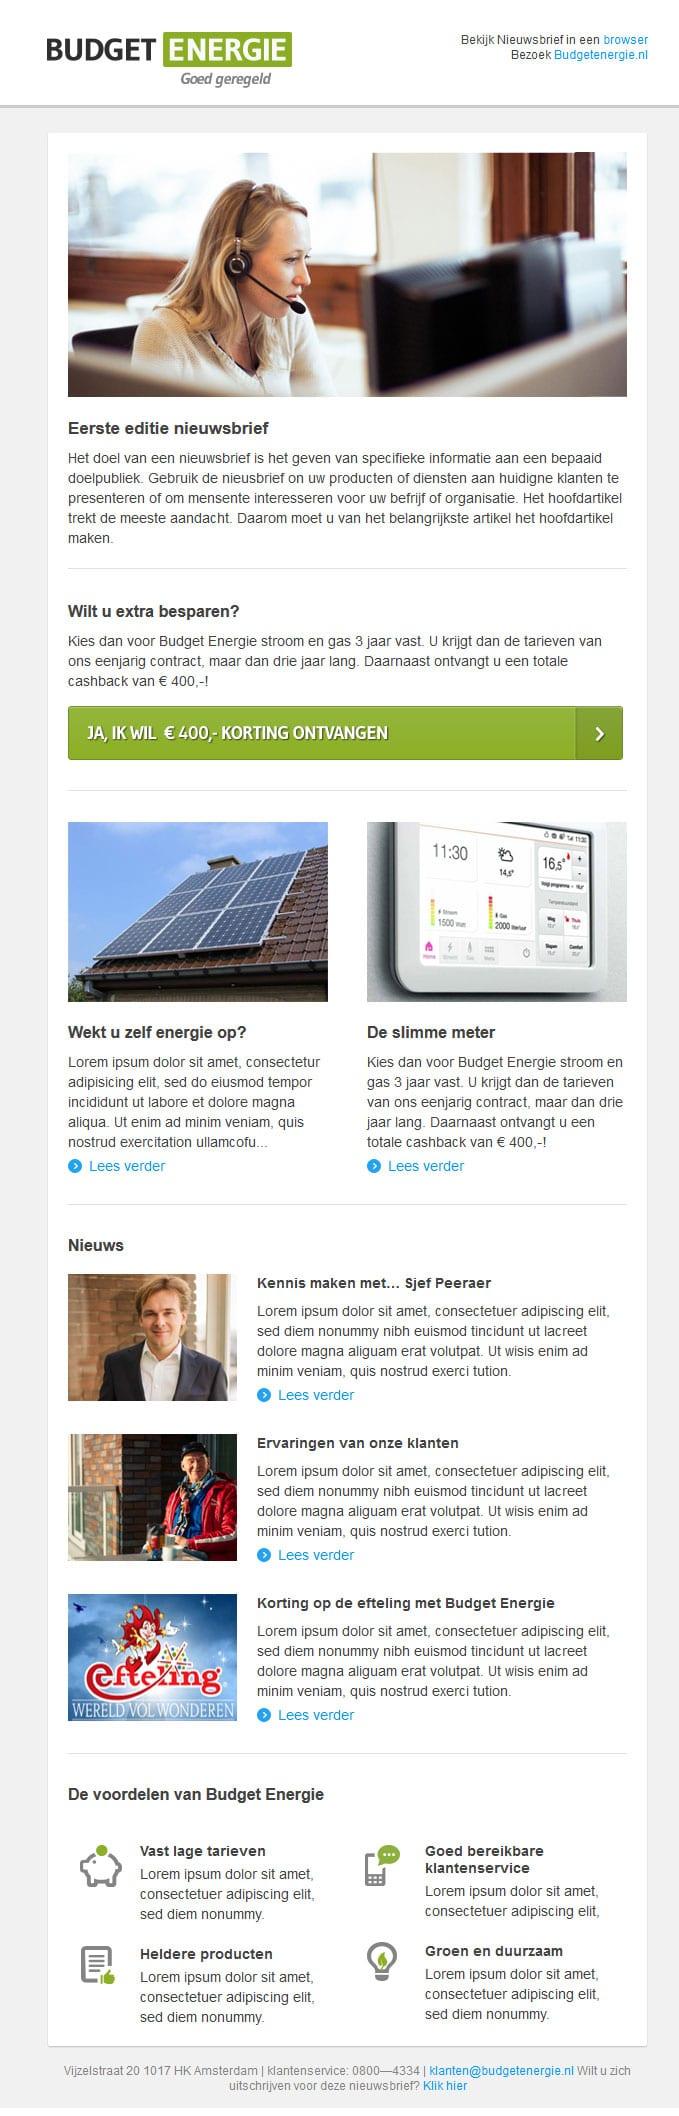 HTML Slicing nieuwsbrief voor Budget Energie